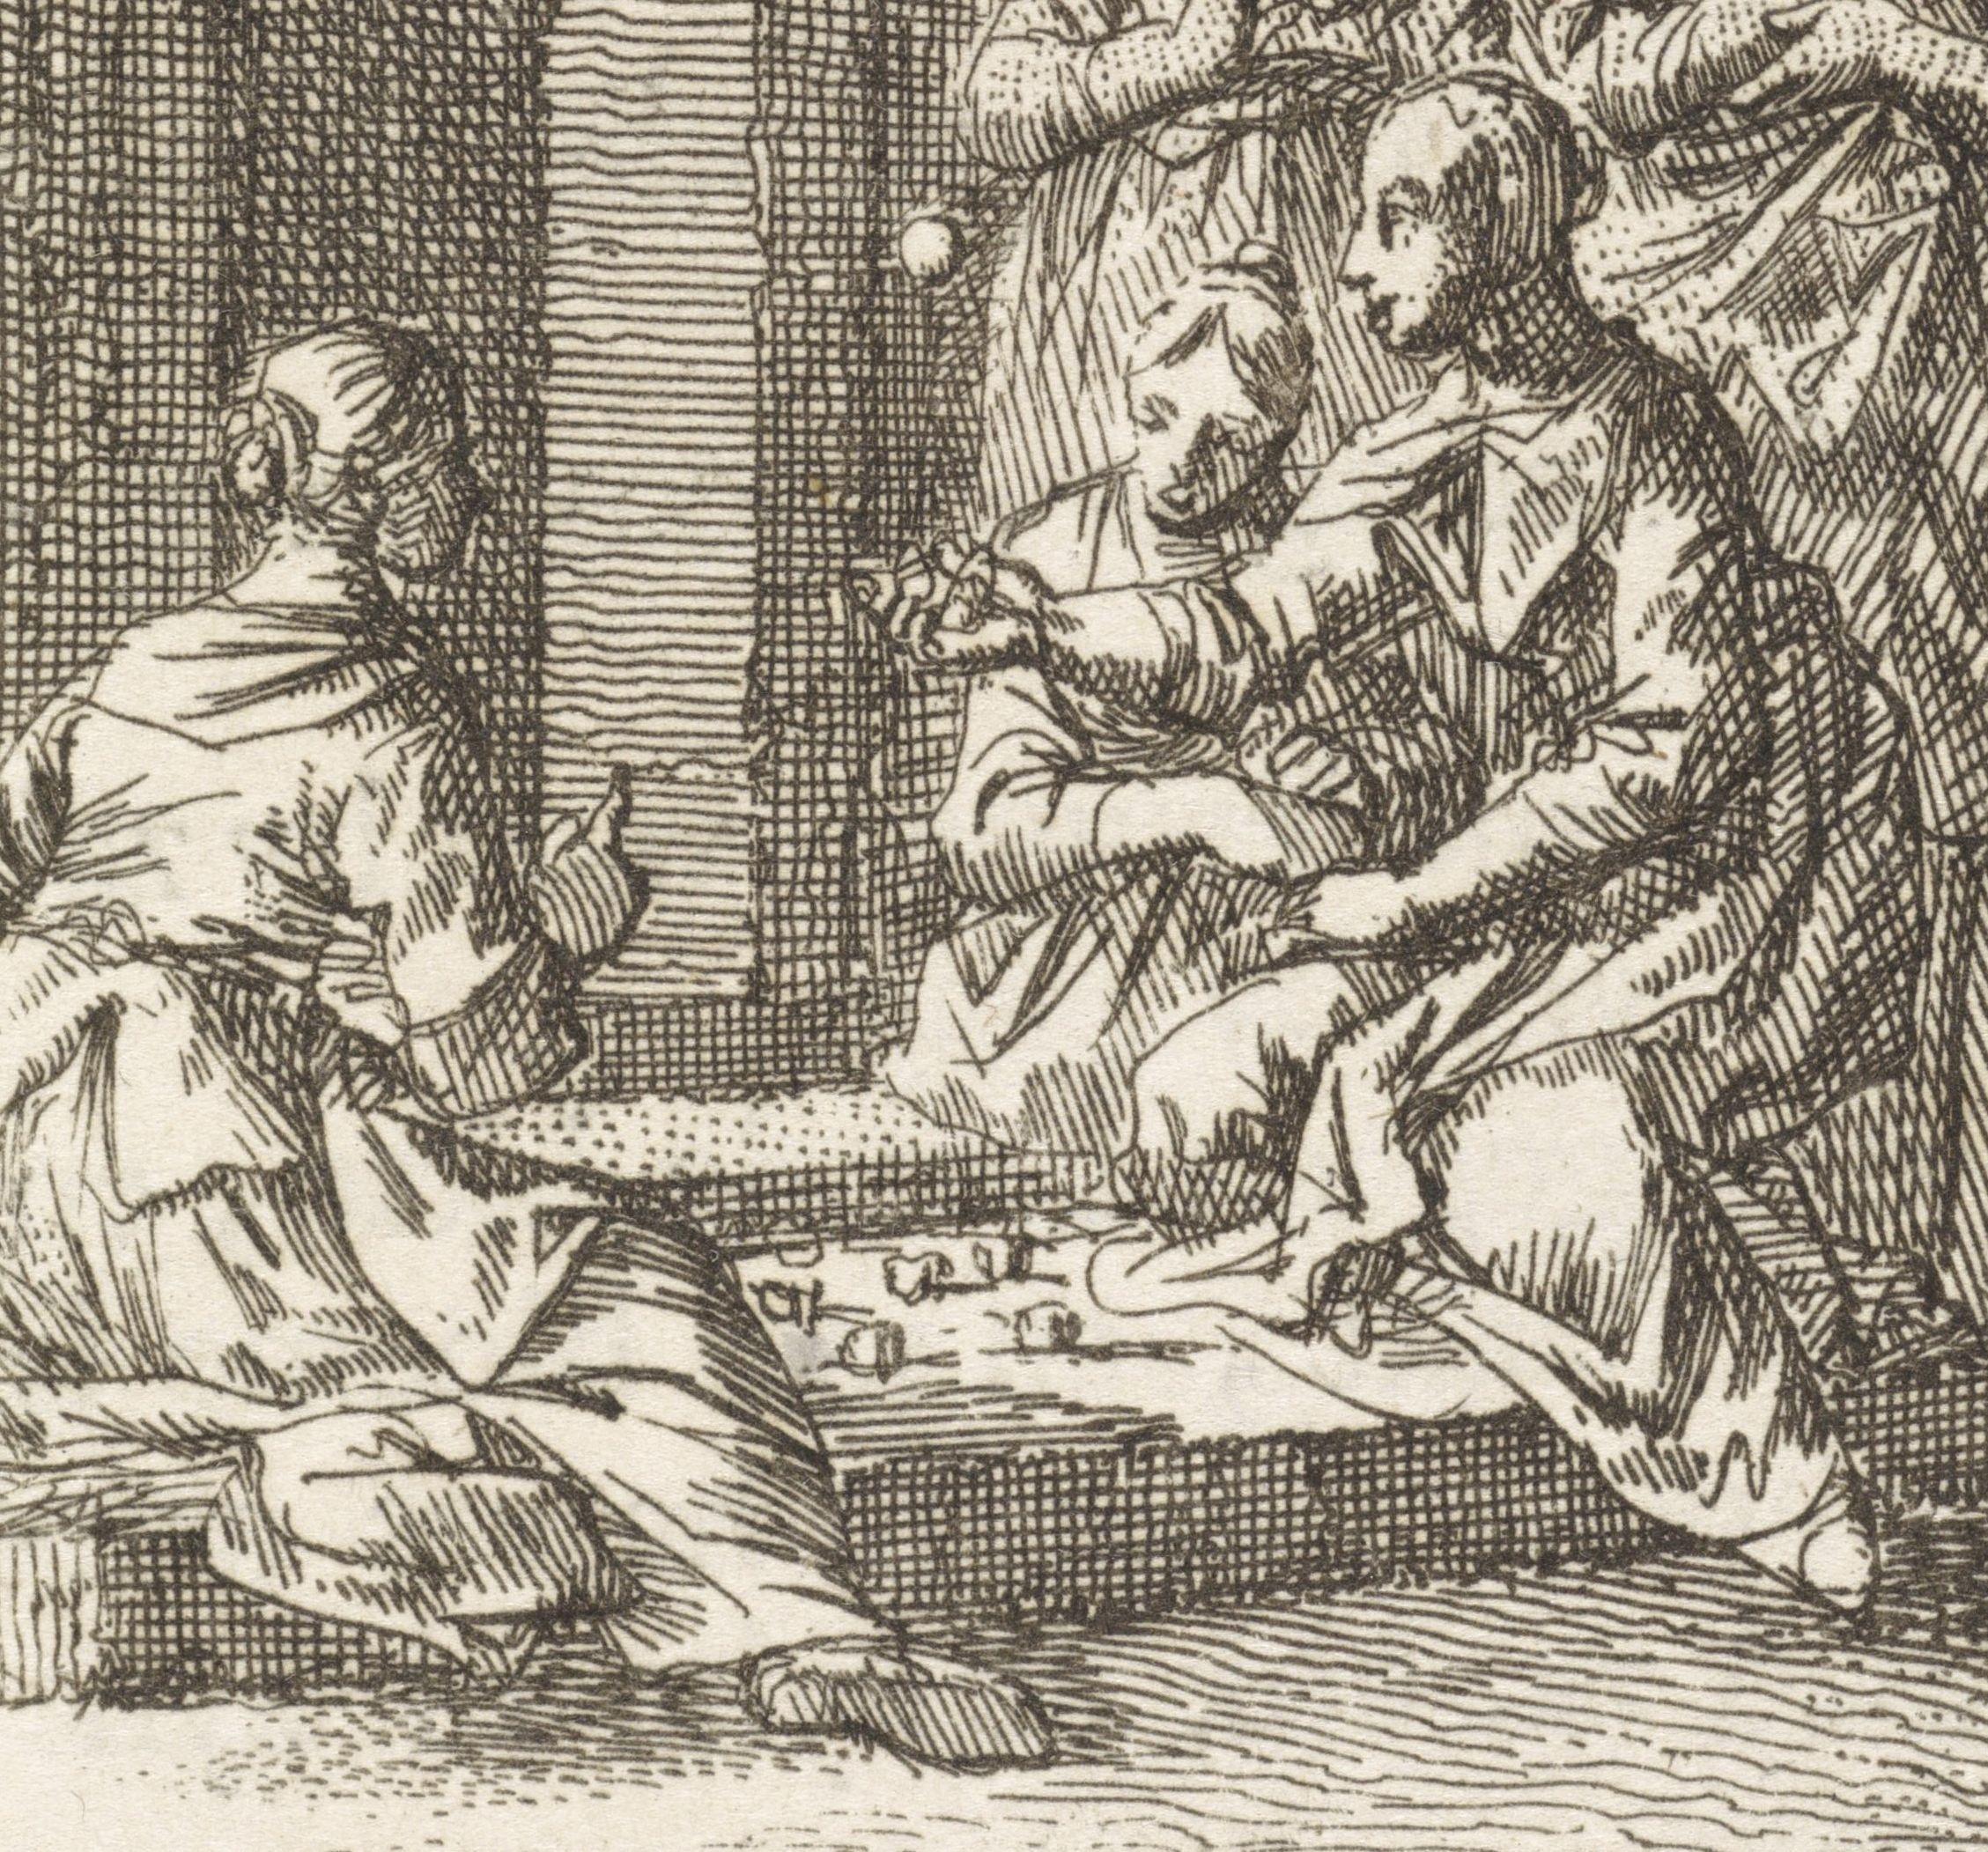 Drie meisjes spelen op de stoep het bikkelspel. Detail uit ets door Jan Luyken, 1712. (Rijksmuseum)